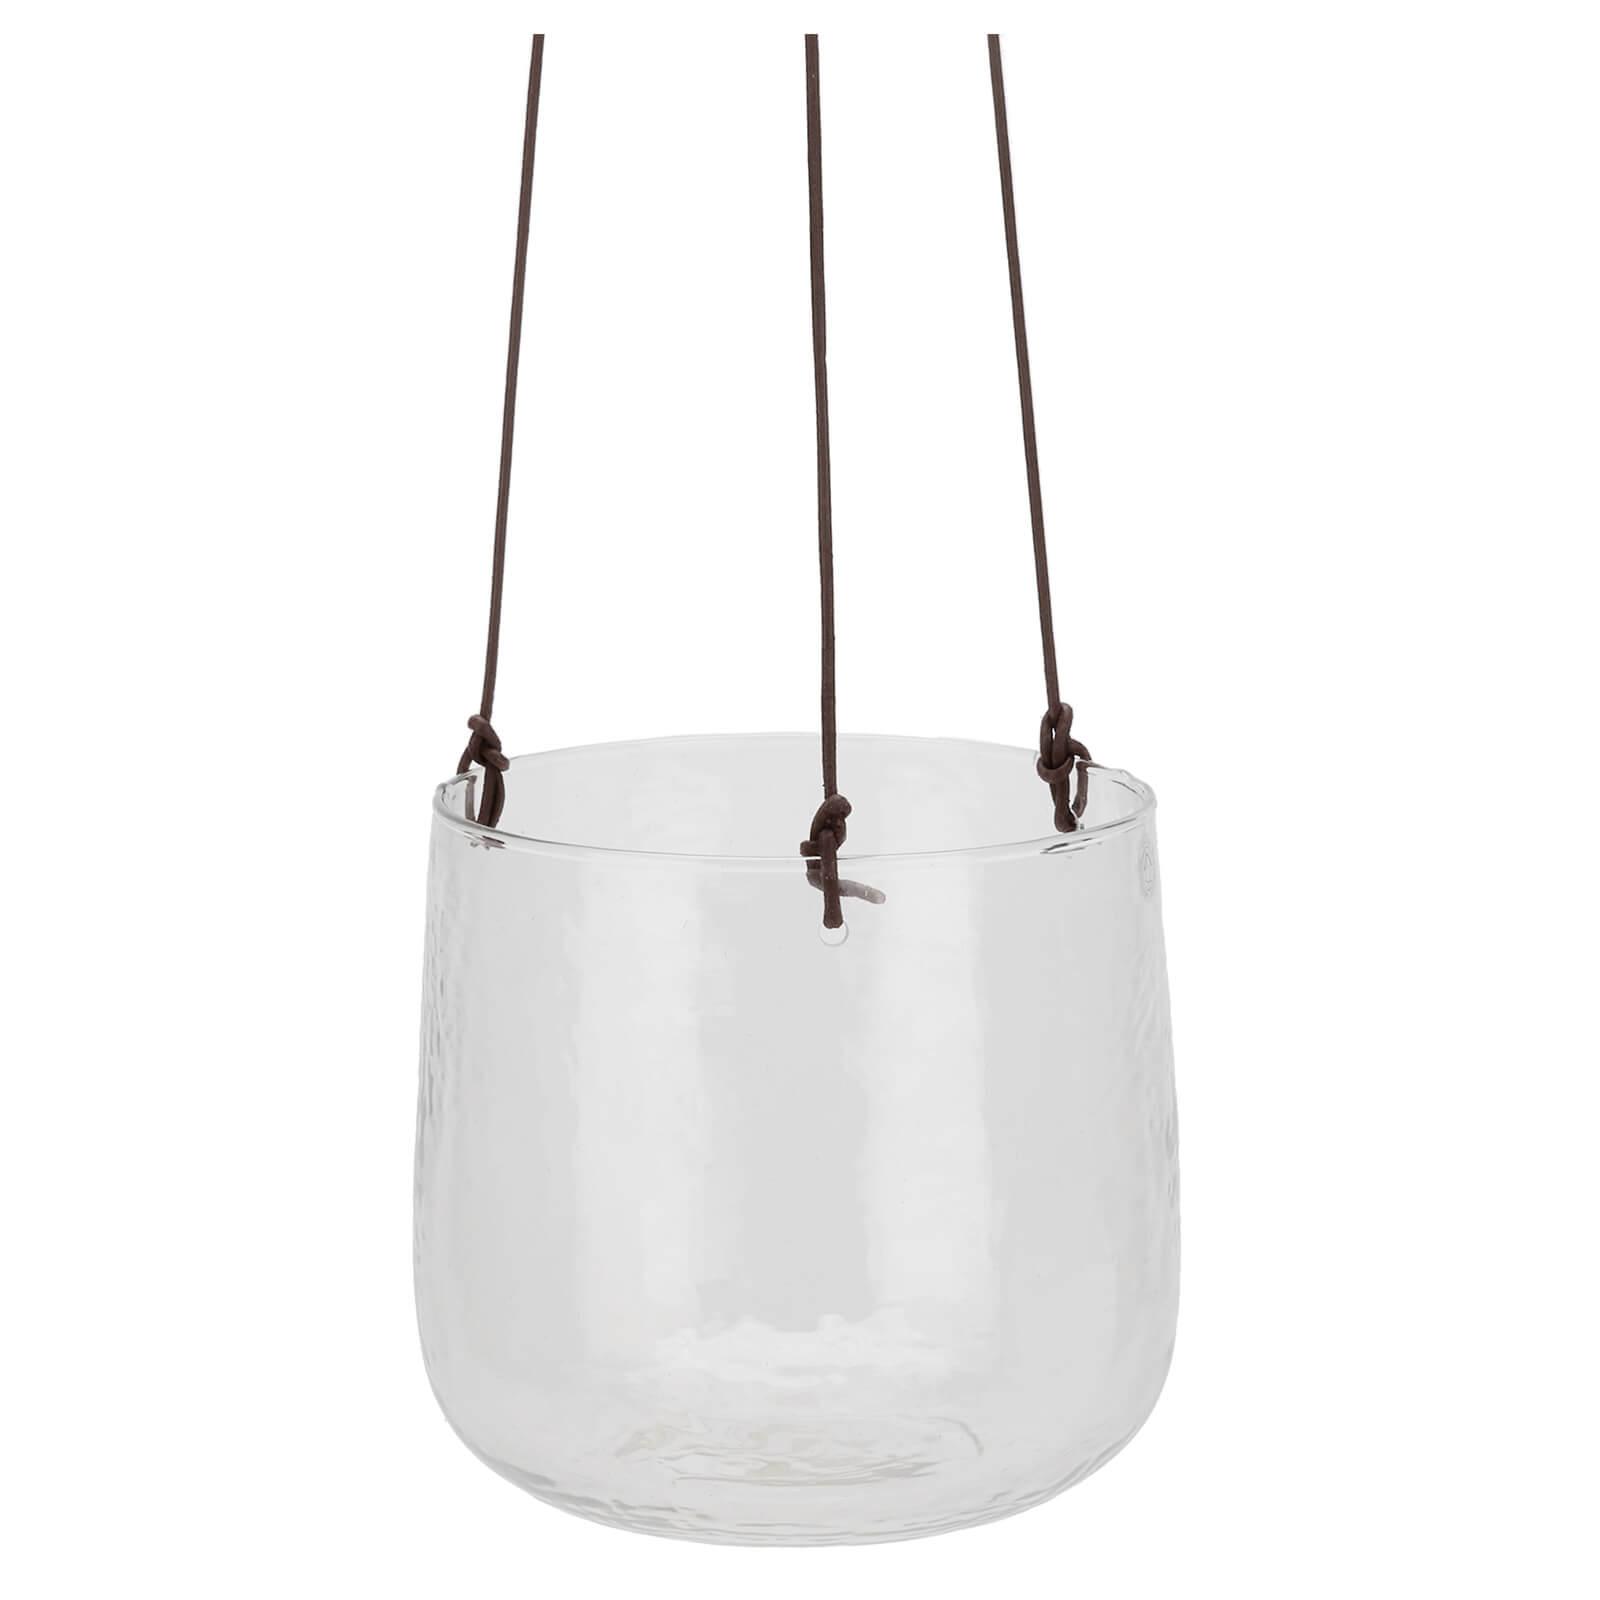 Nkuku Viri Hanging Planter - Clear Hammered Glass - Large